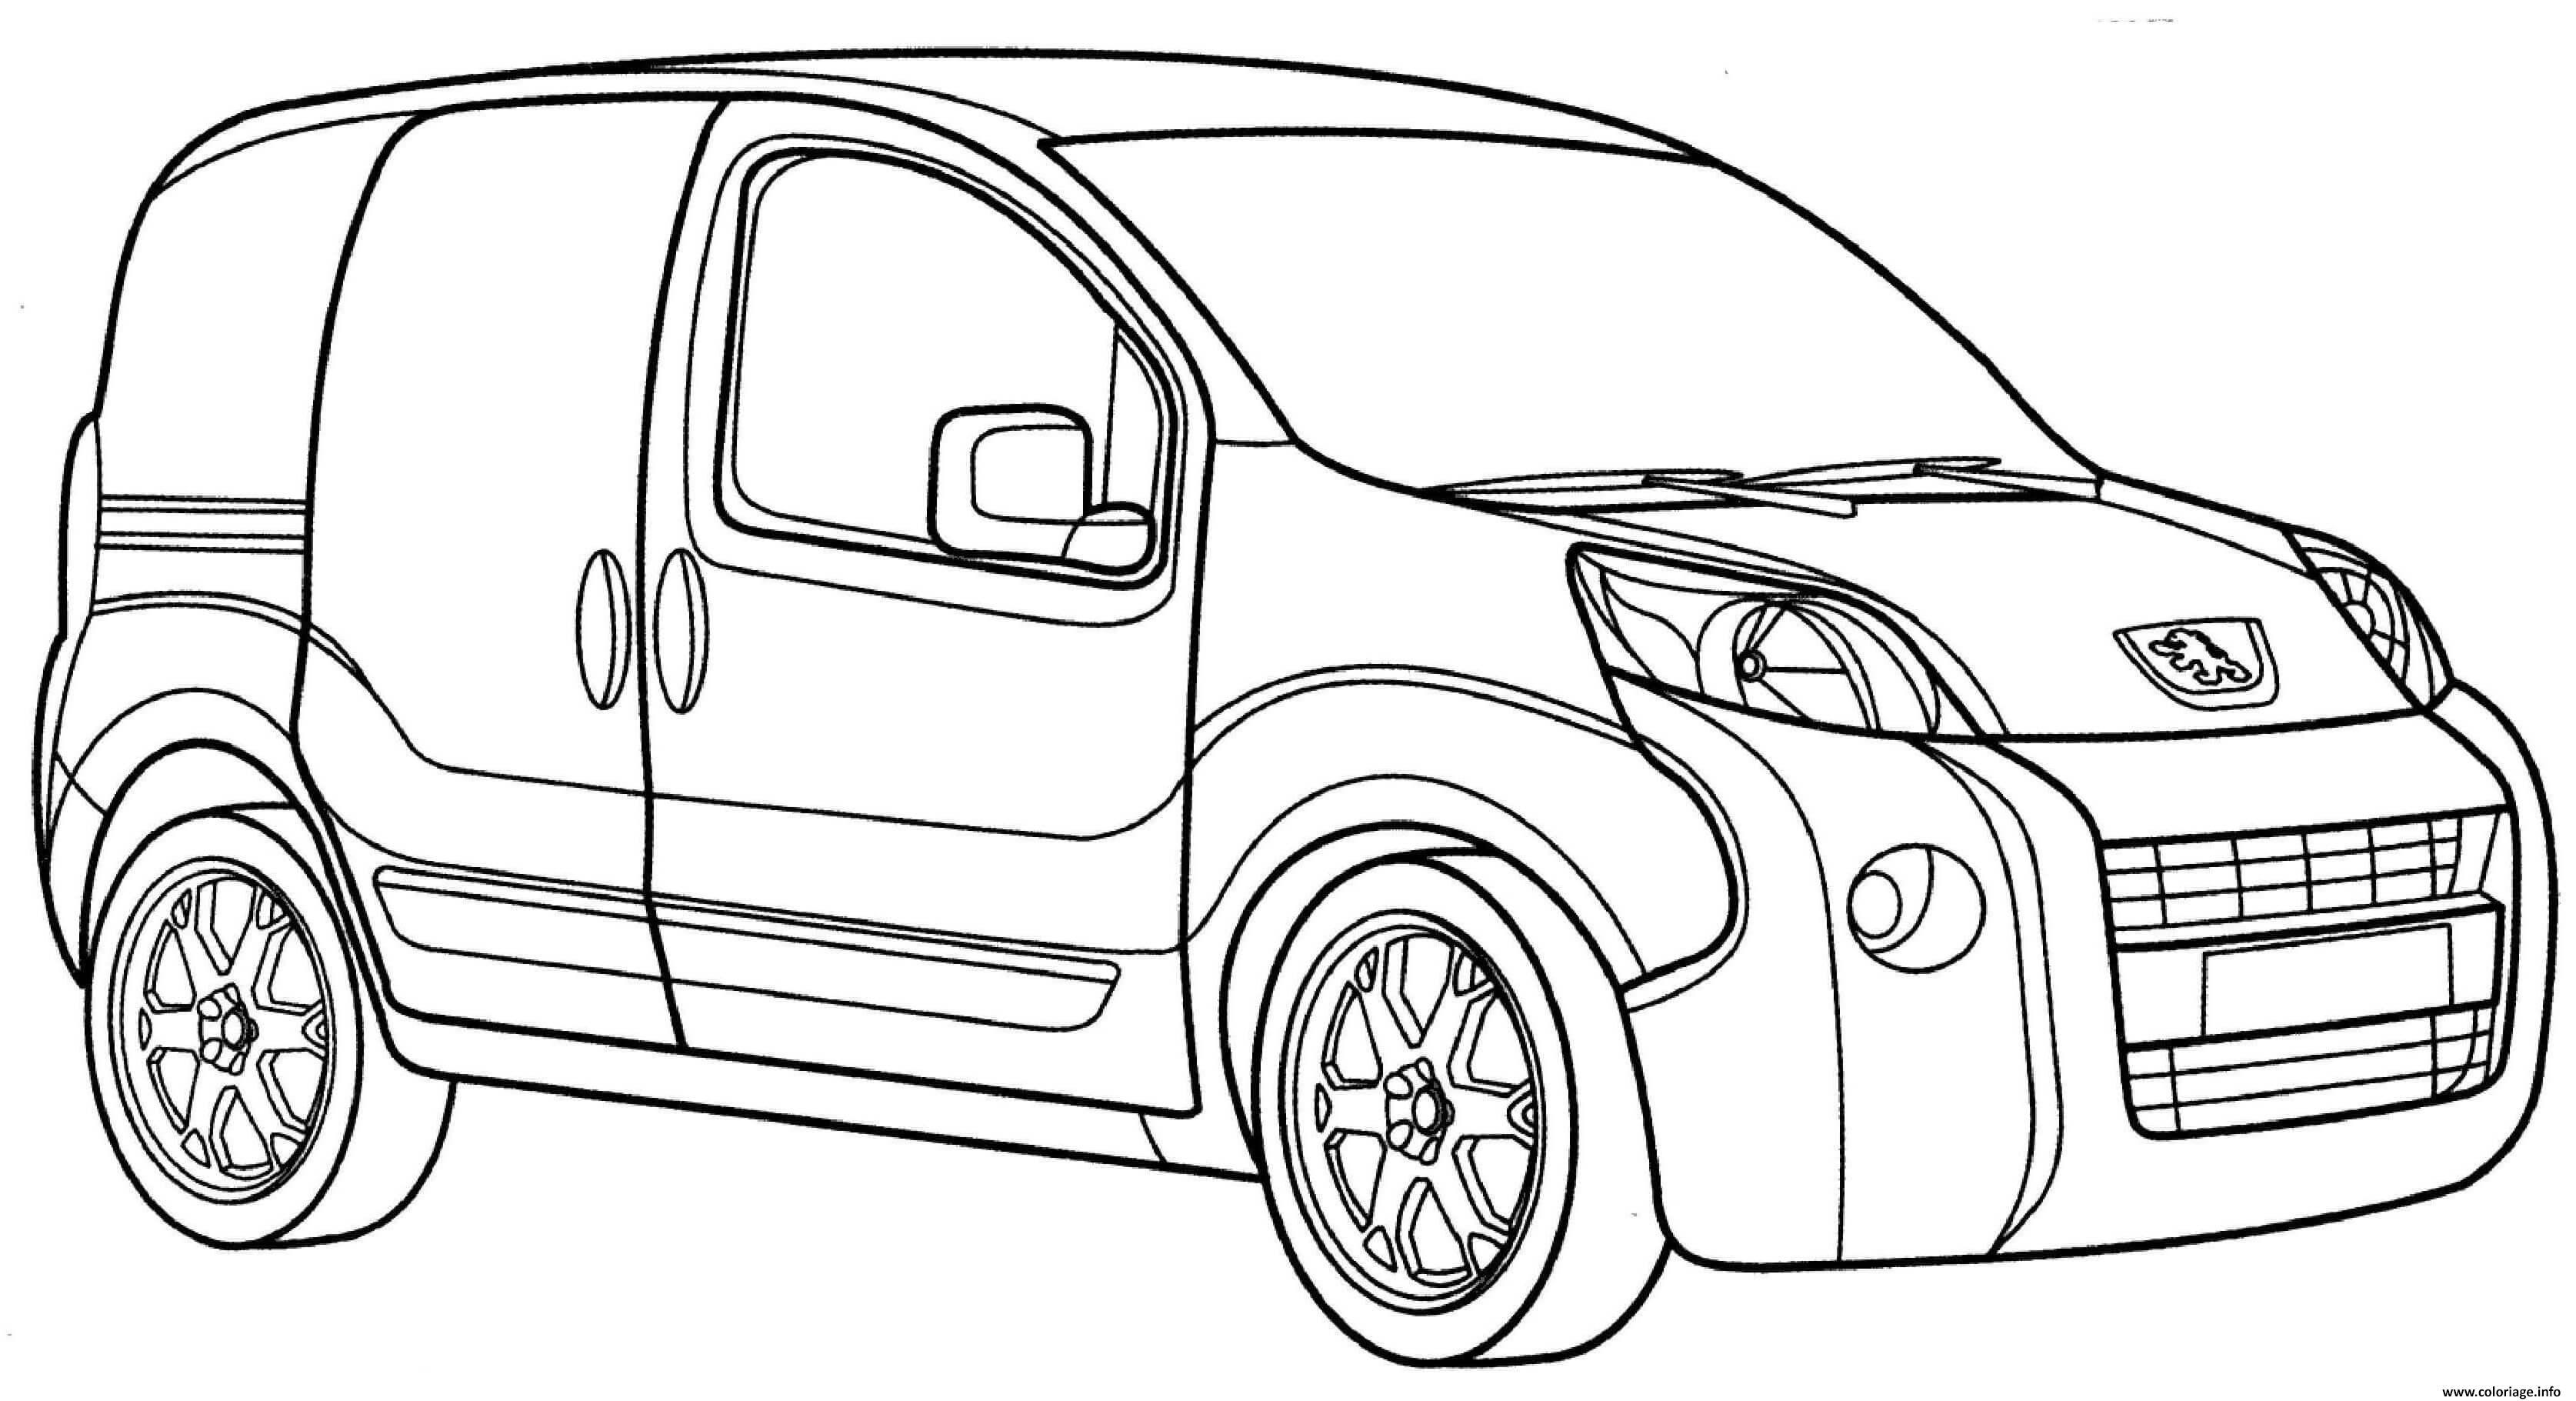 Dessin Peugeot Bipper Coloriage Gratuit à Imprimer